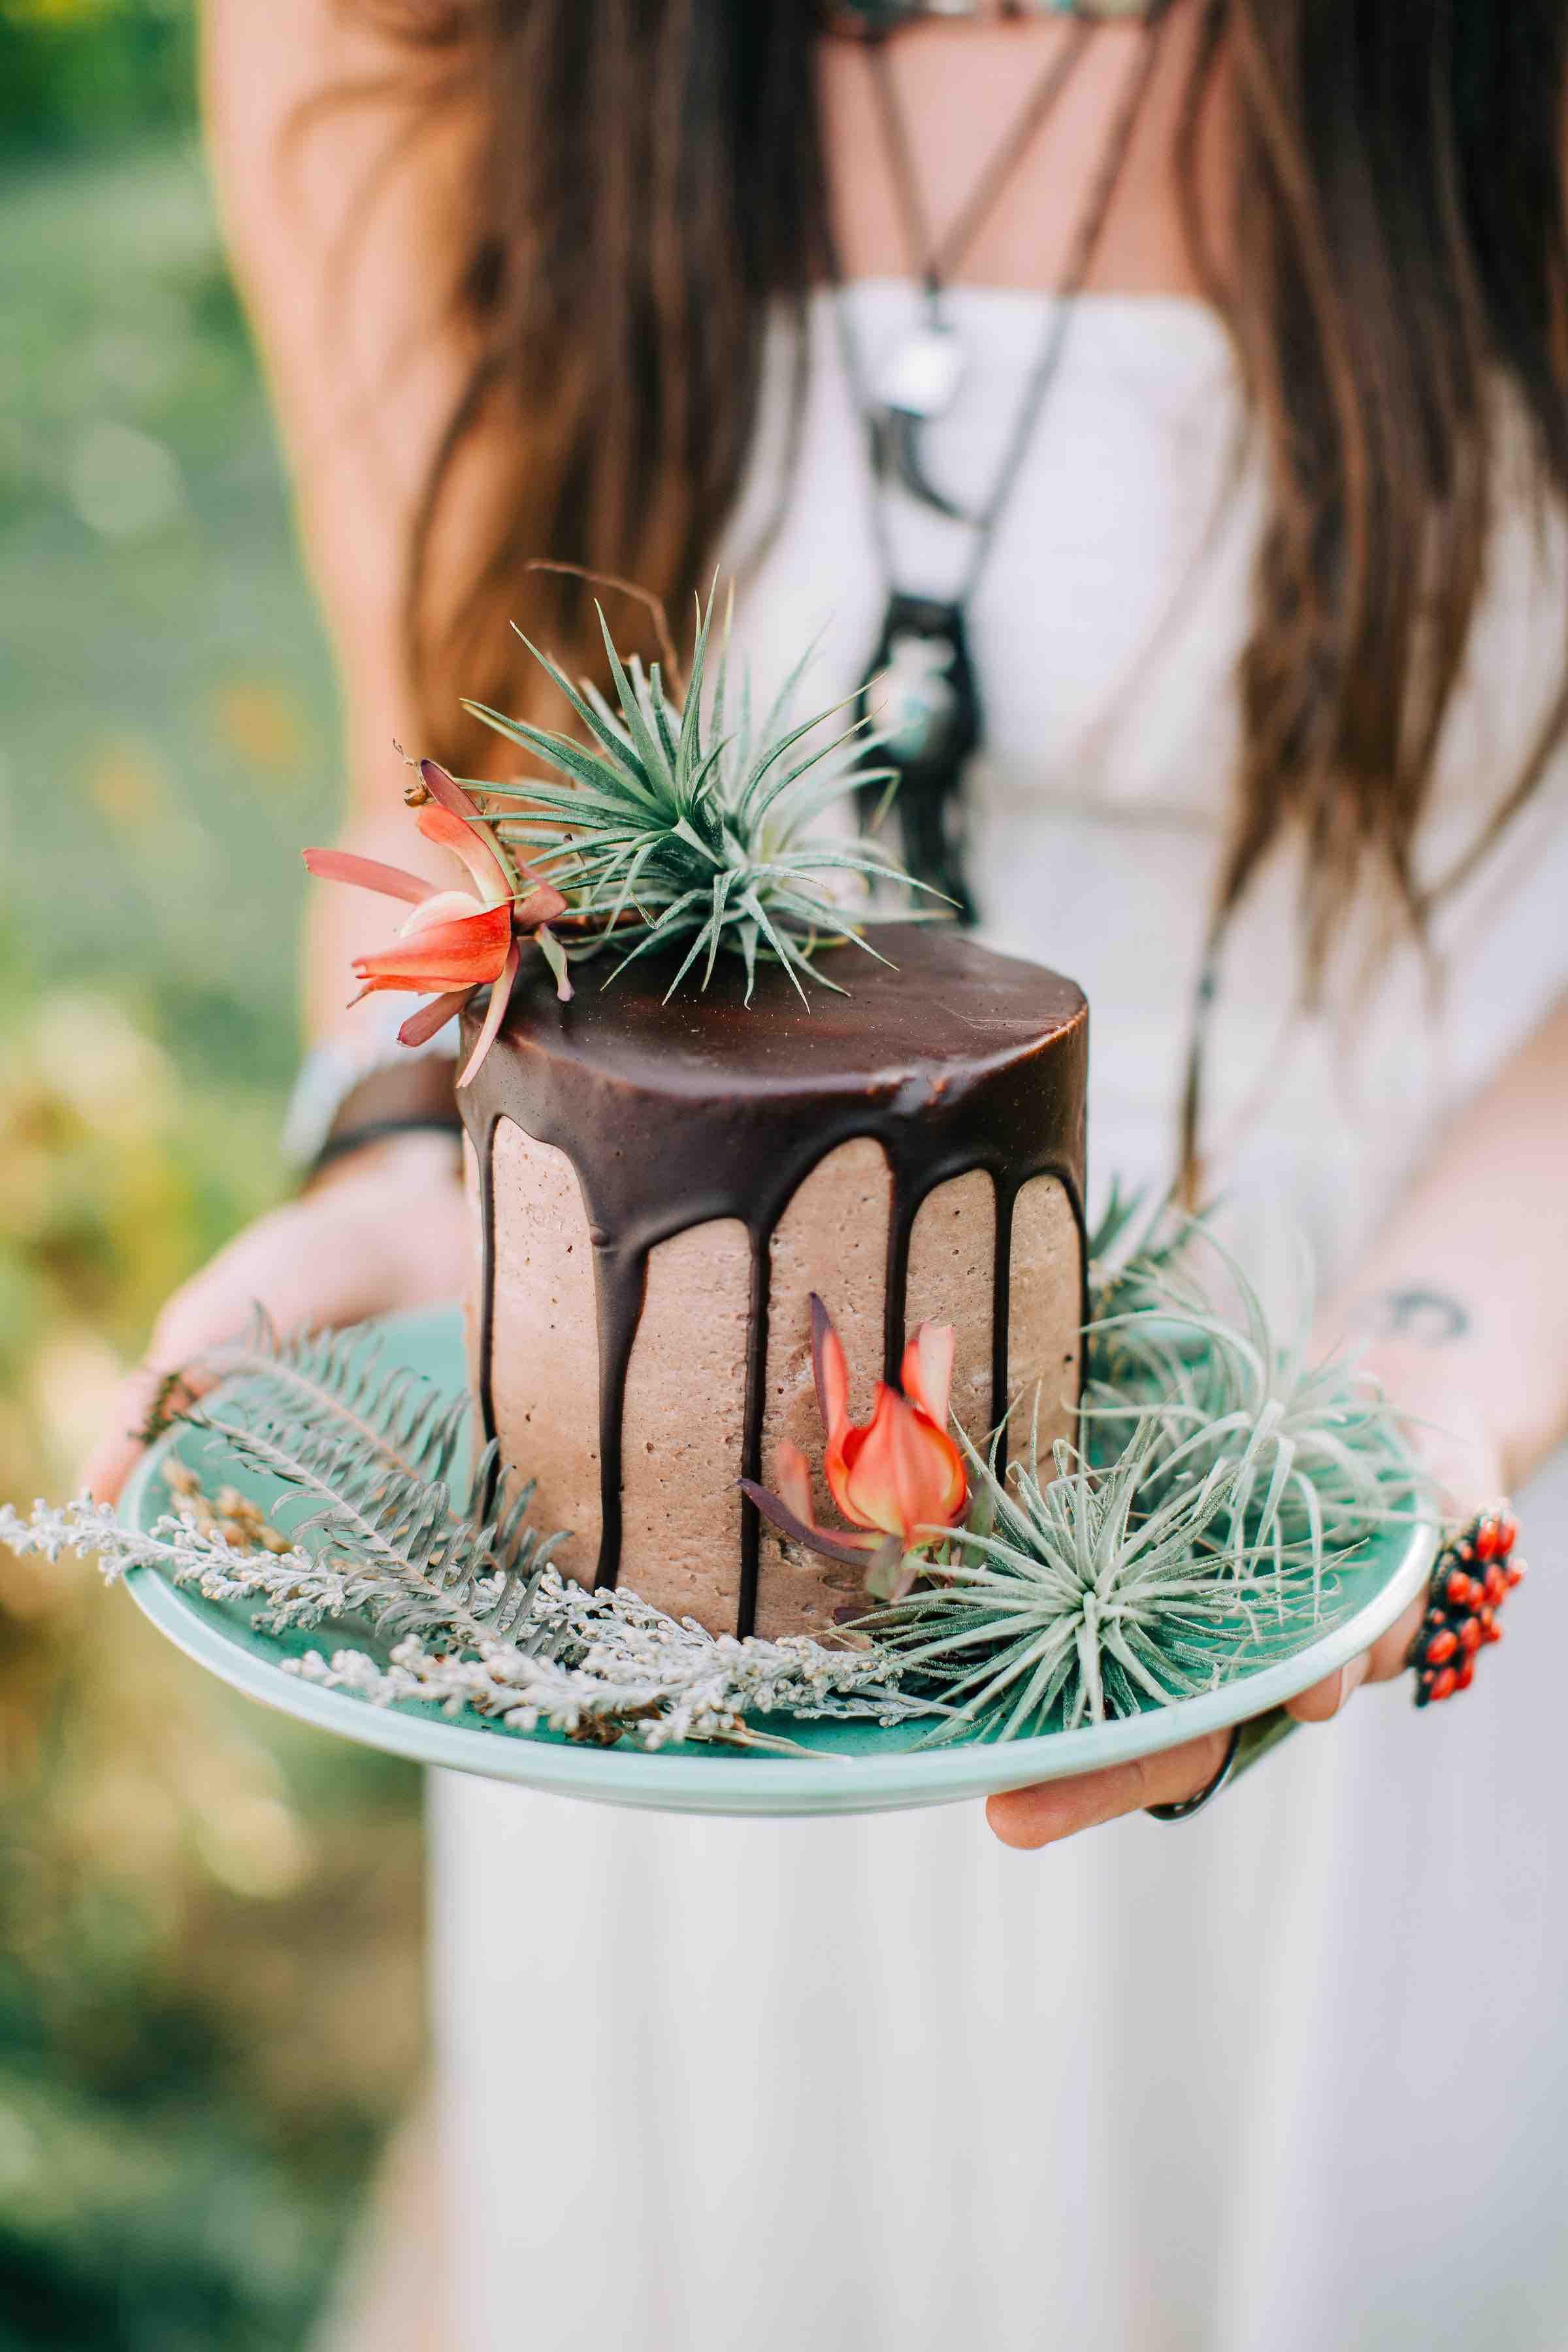 cake anyone